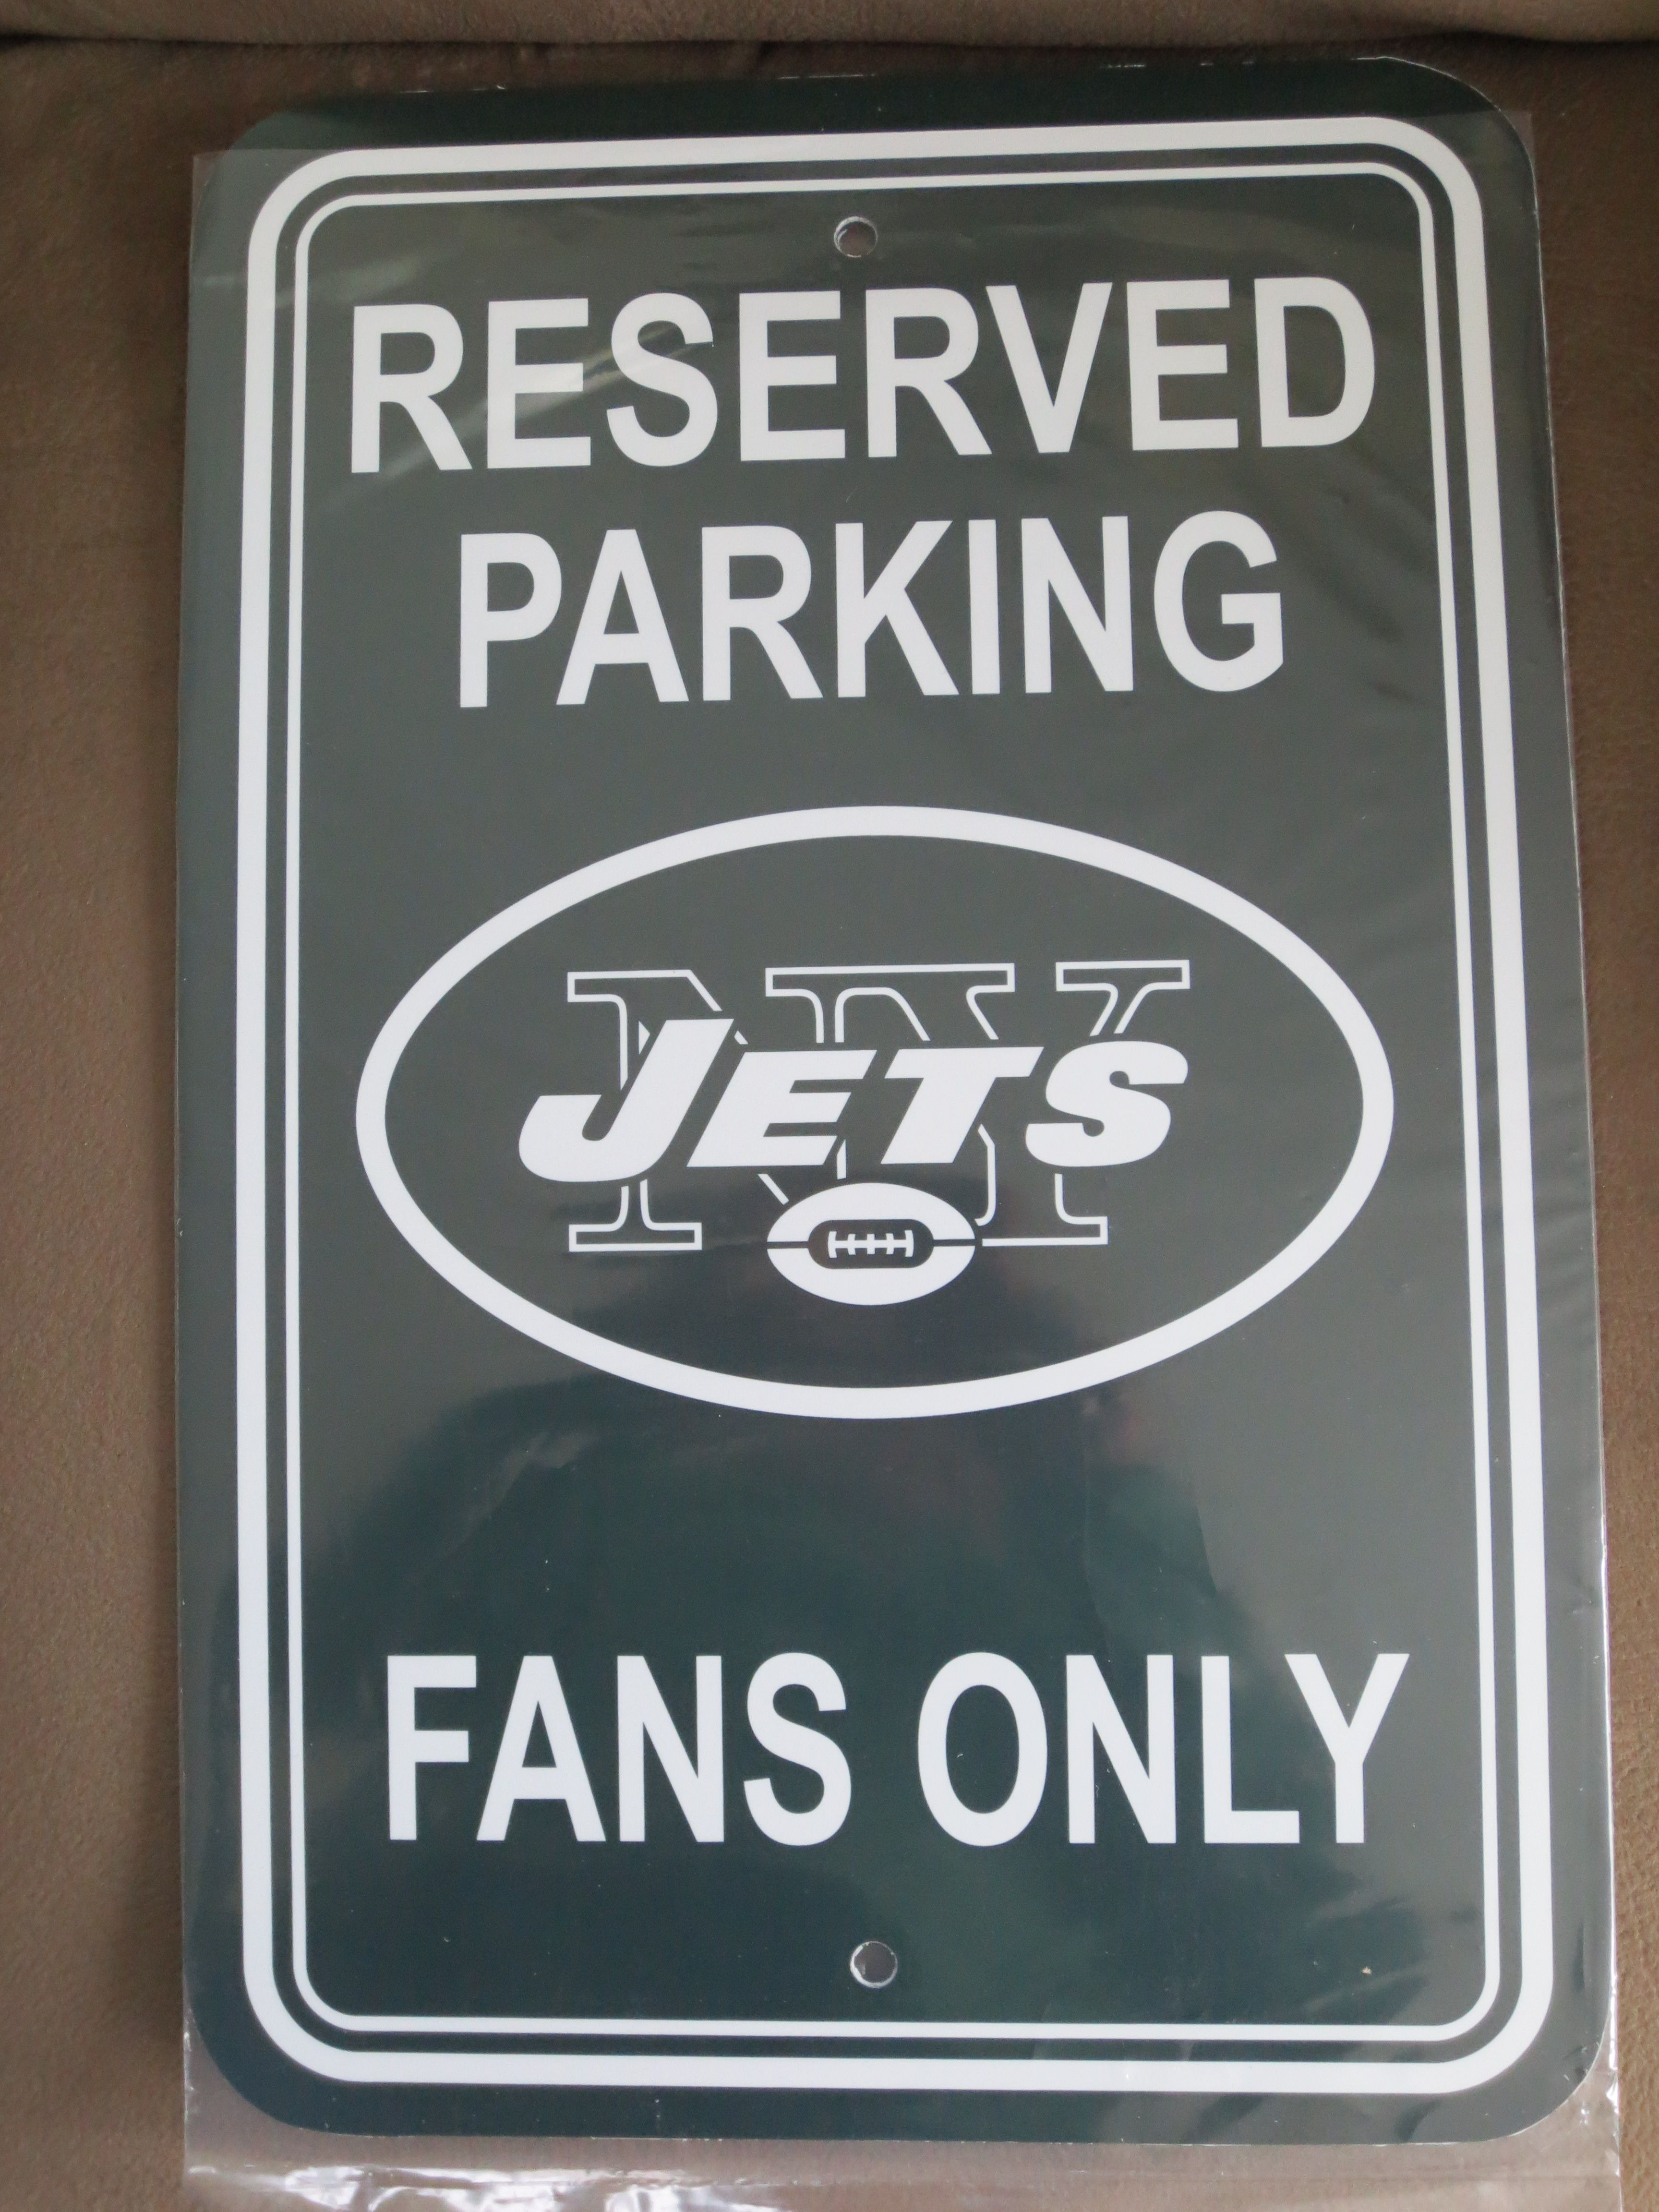 Ny jets parking sign new york jets ny jets reserved